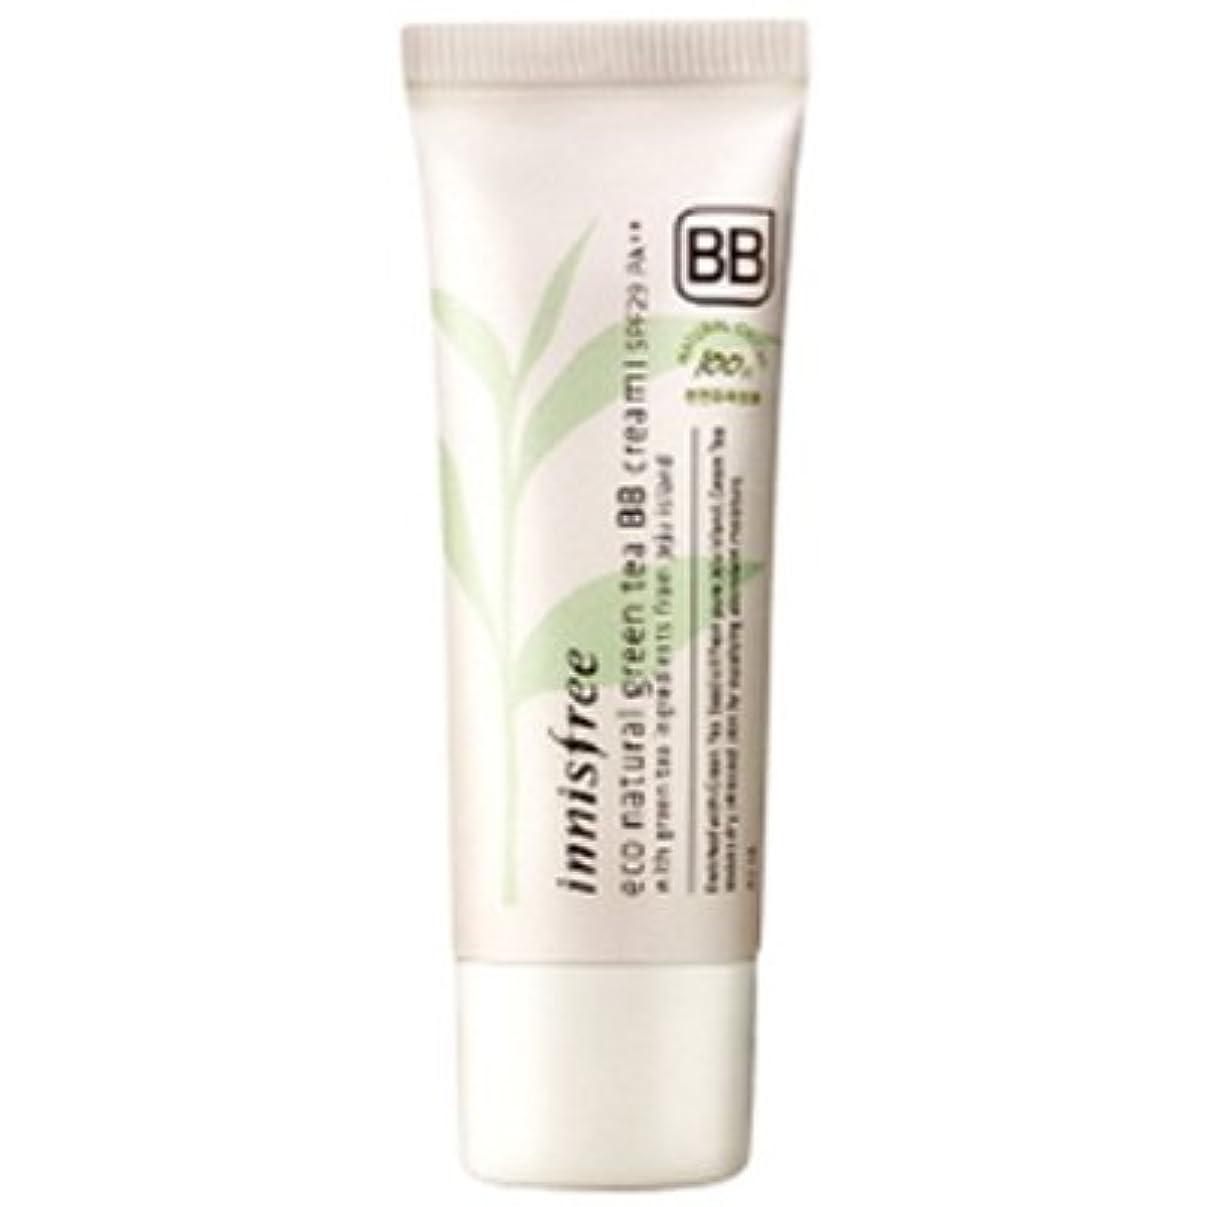 そうでなければ感心する人道的innisfree(イニスフリー) Eco natural green tea BB cream エコ ナチュラル グリーン ティー BB クリーム SPF29/PA++ 40ml #1:ライトベージュ